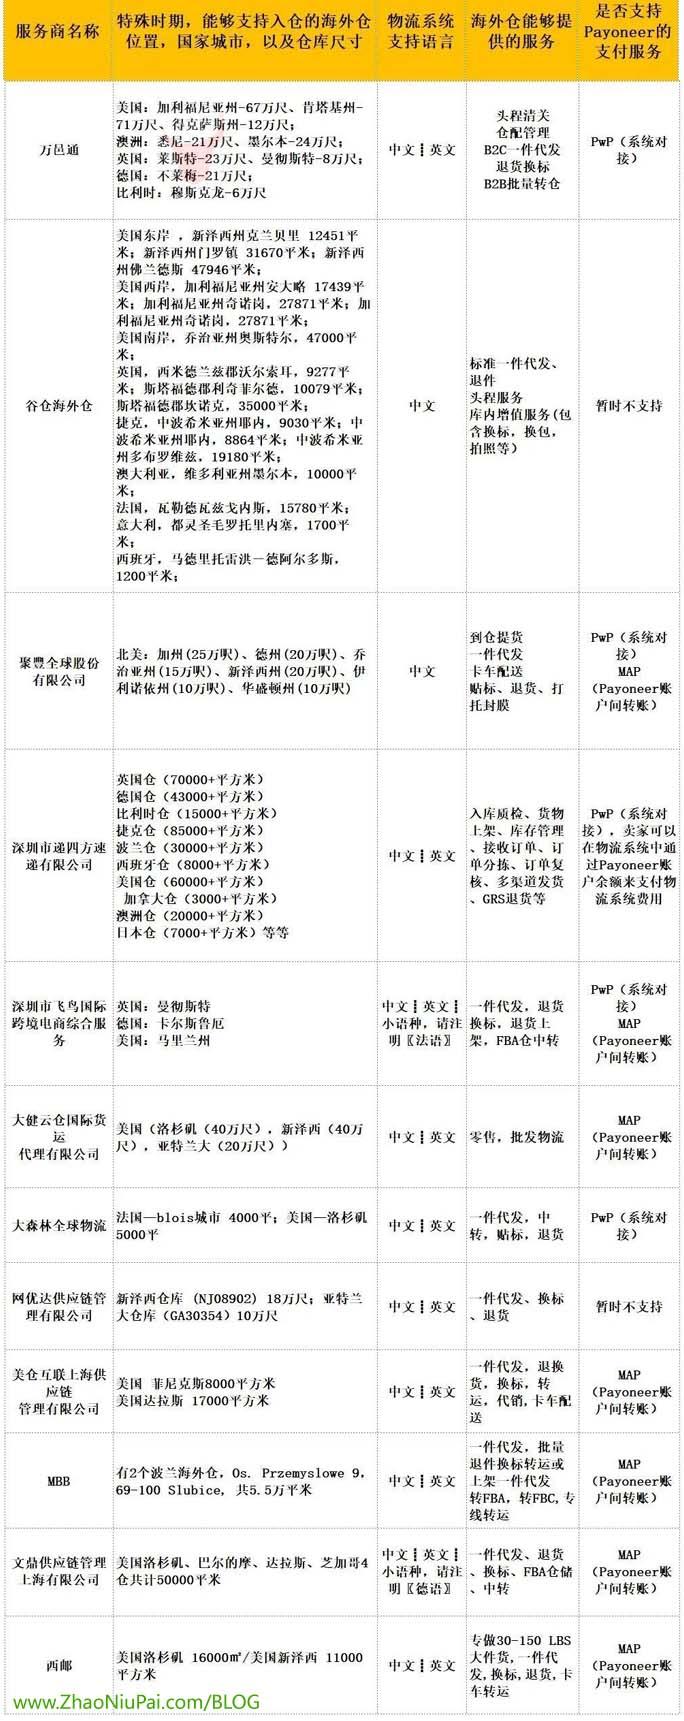 海外仓资源表